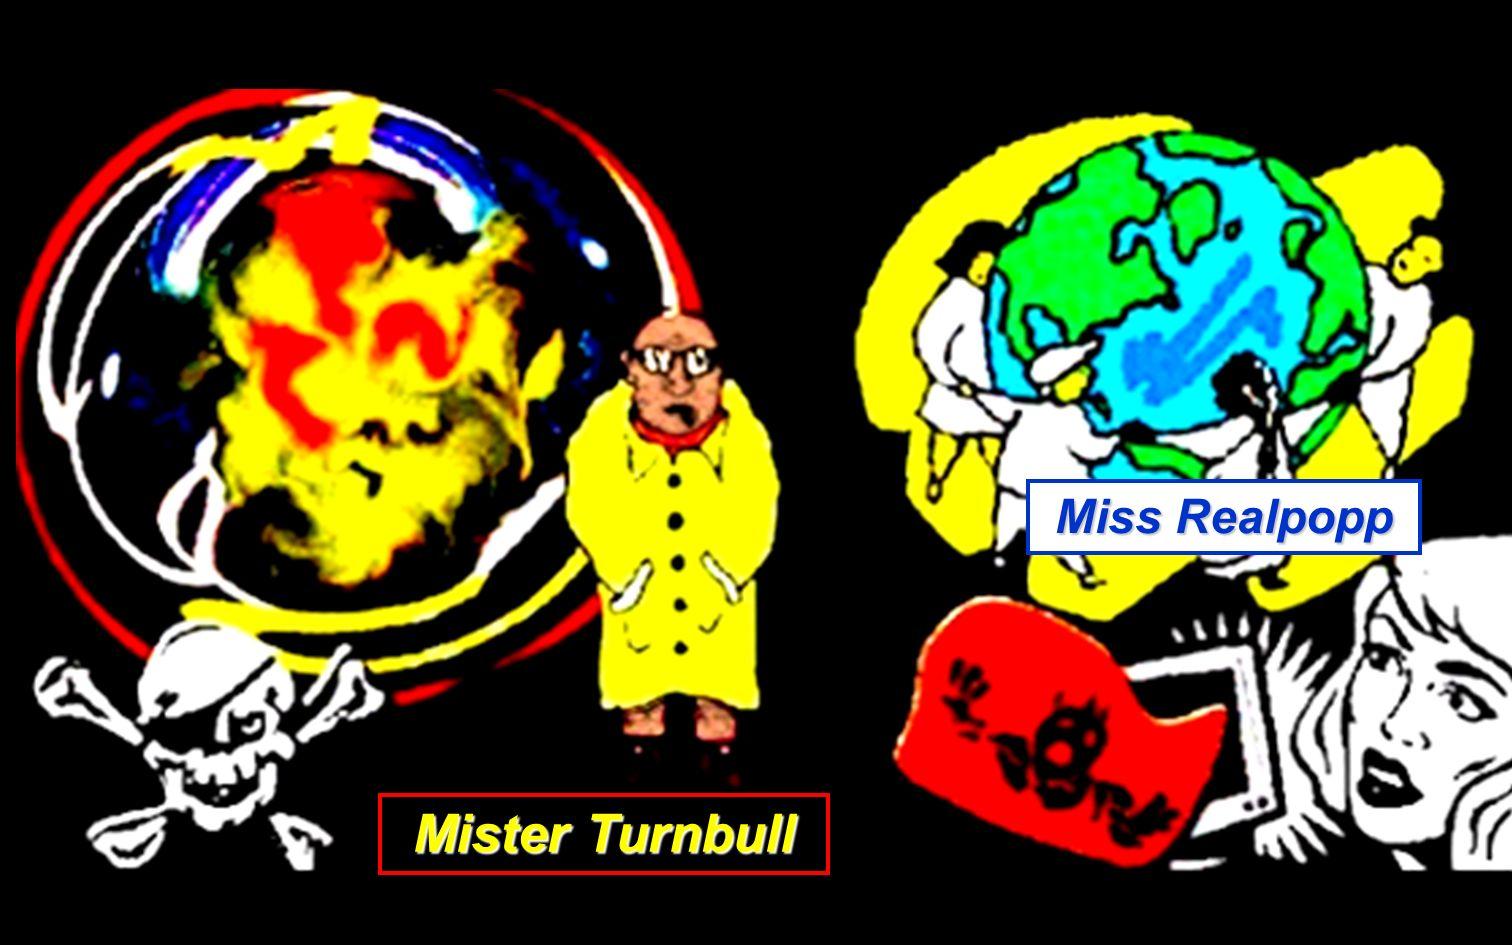 Miss Realpopp Mister Turnbull